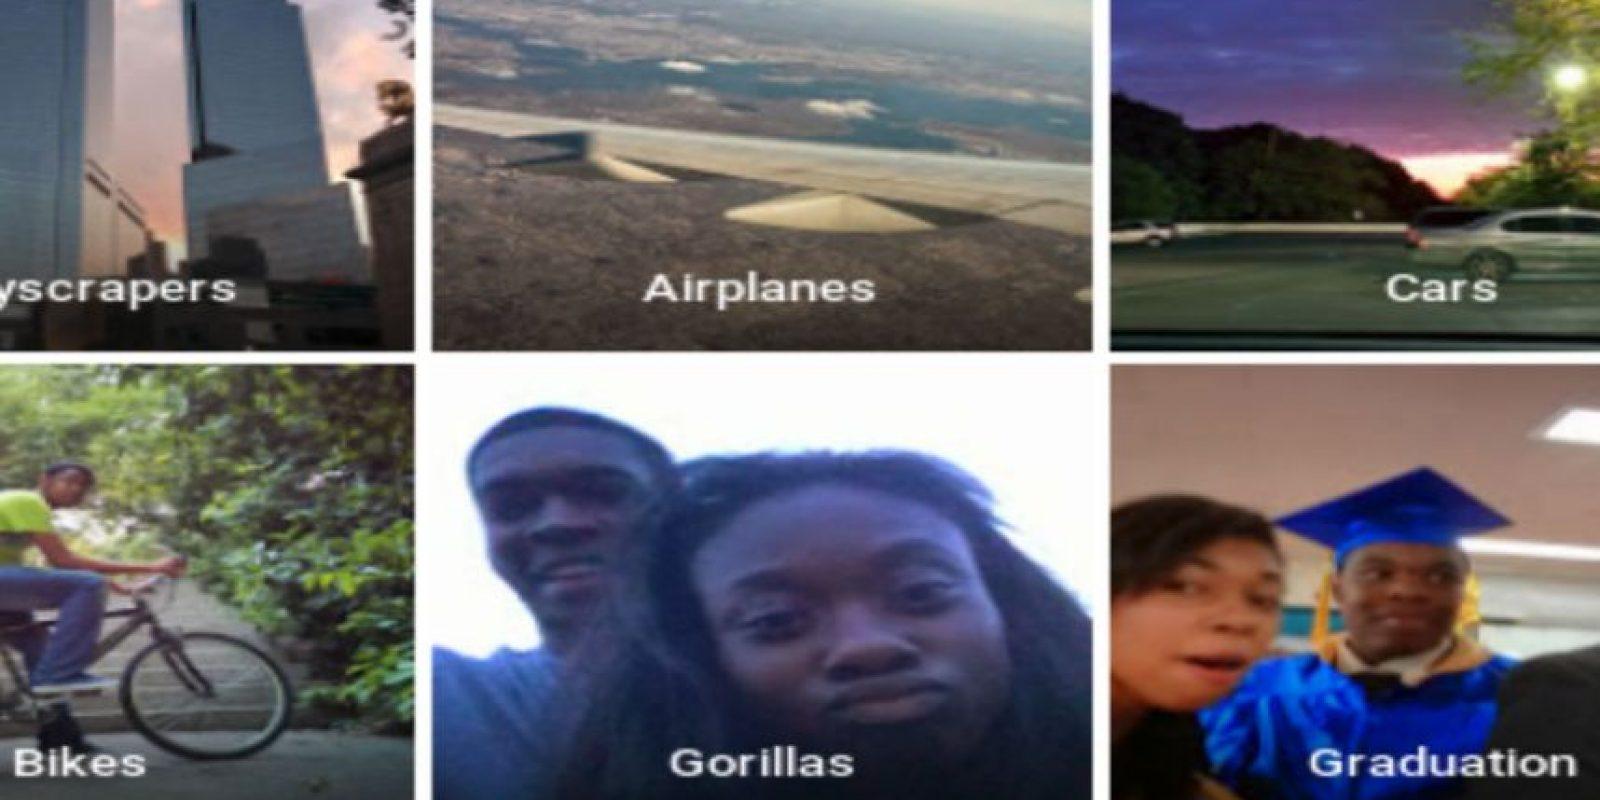 Google Photos comparó a una mujer negra con un gorila y causó polémica en Twitter Foto:twitter.com/jackyalcine/